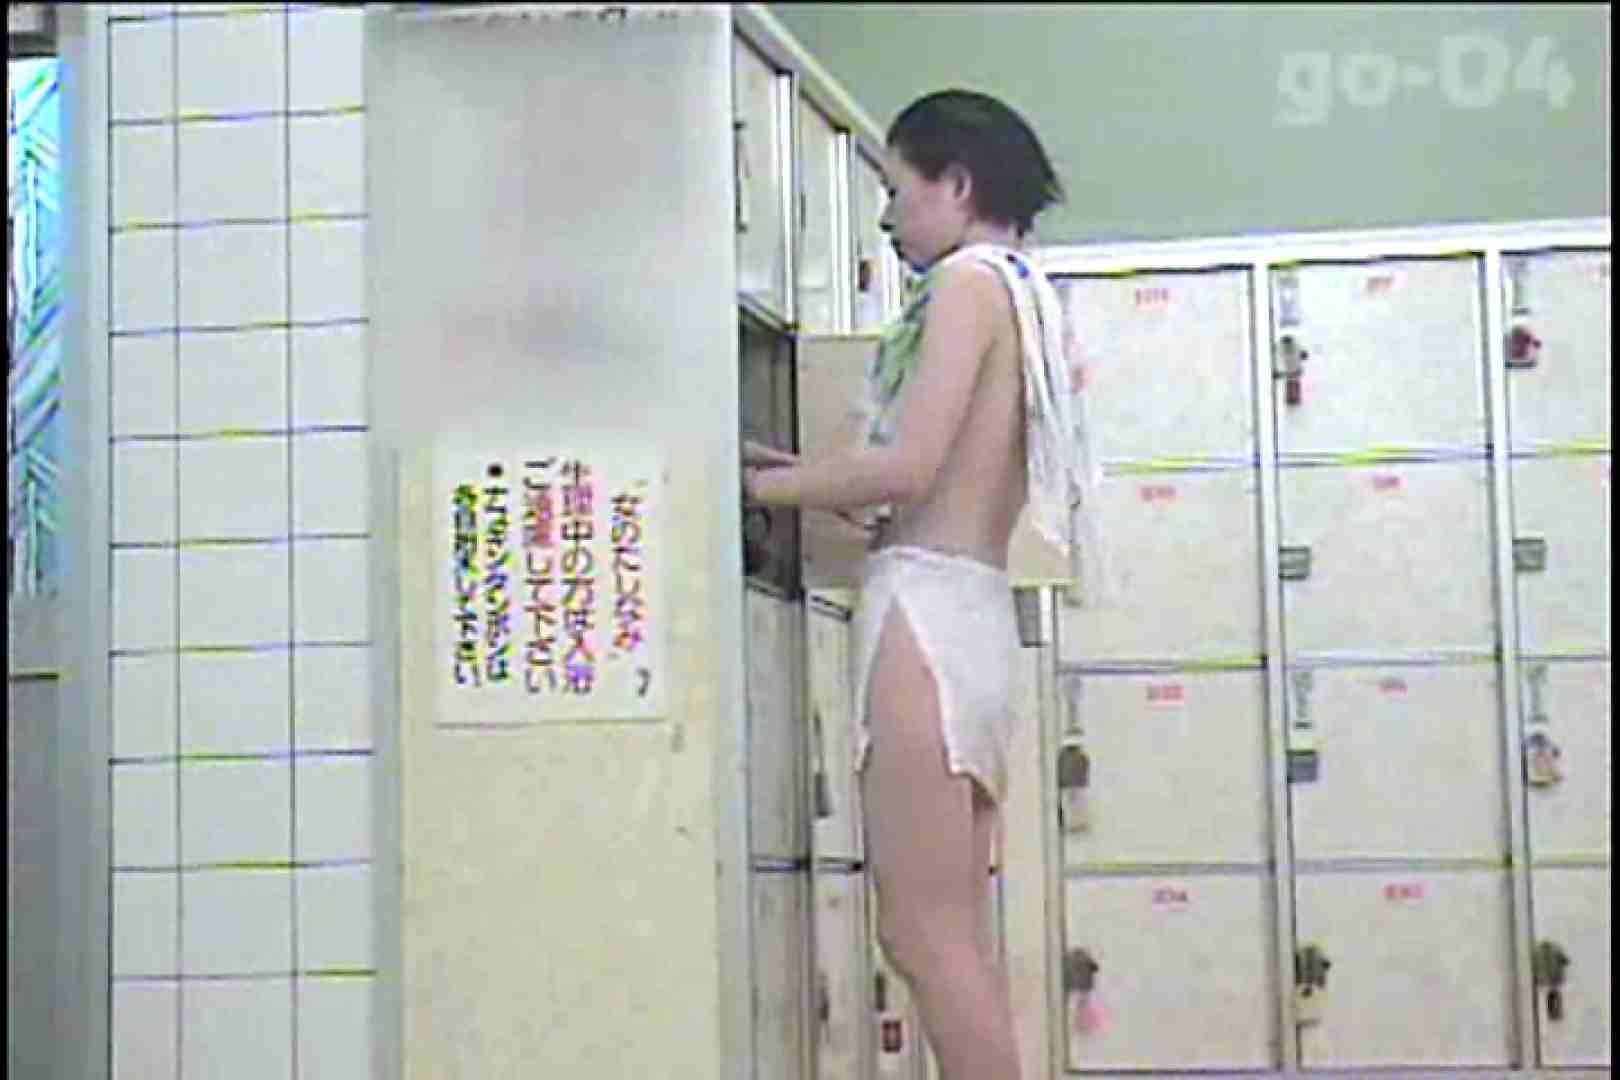 電波カメラ設置浴場からの防HAN映像 Vol.04 アラ30   盗撮で悶絶  88画像 21